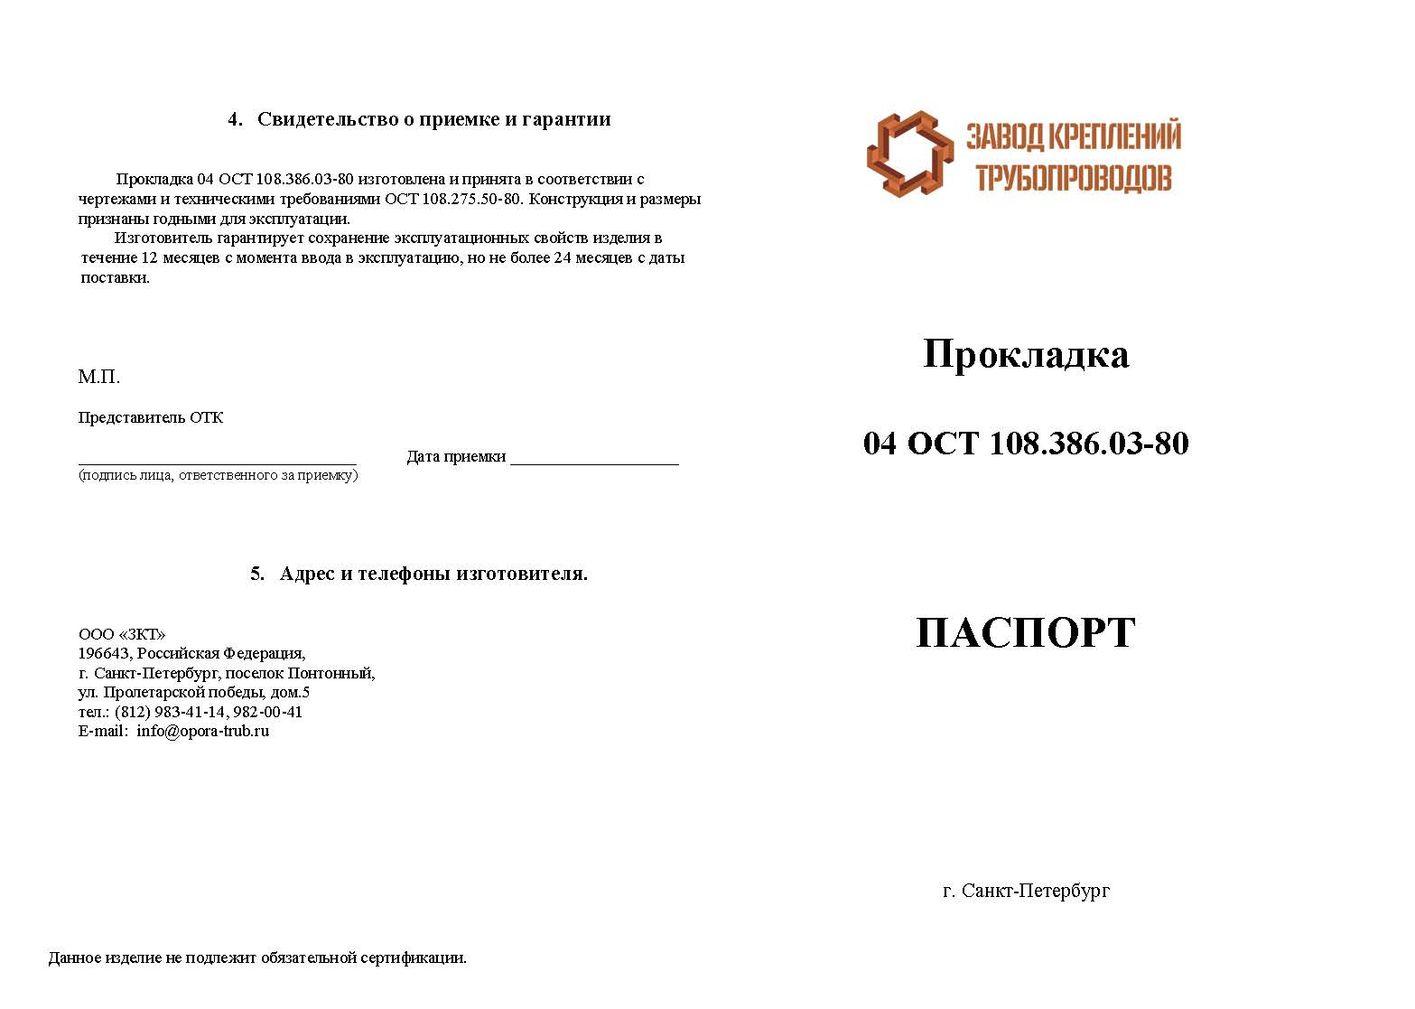 Паспорт Прокладка 04 ОСТ 108.386.03-80 стр.1